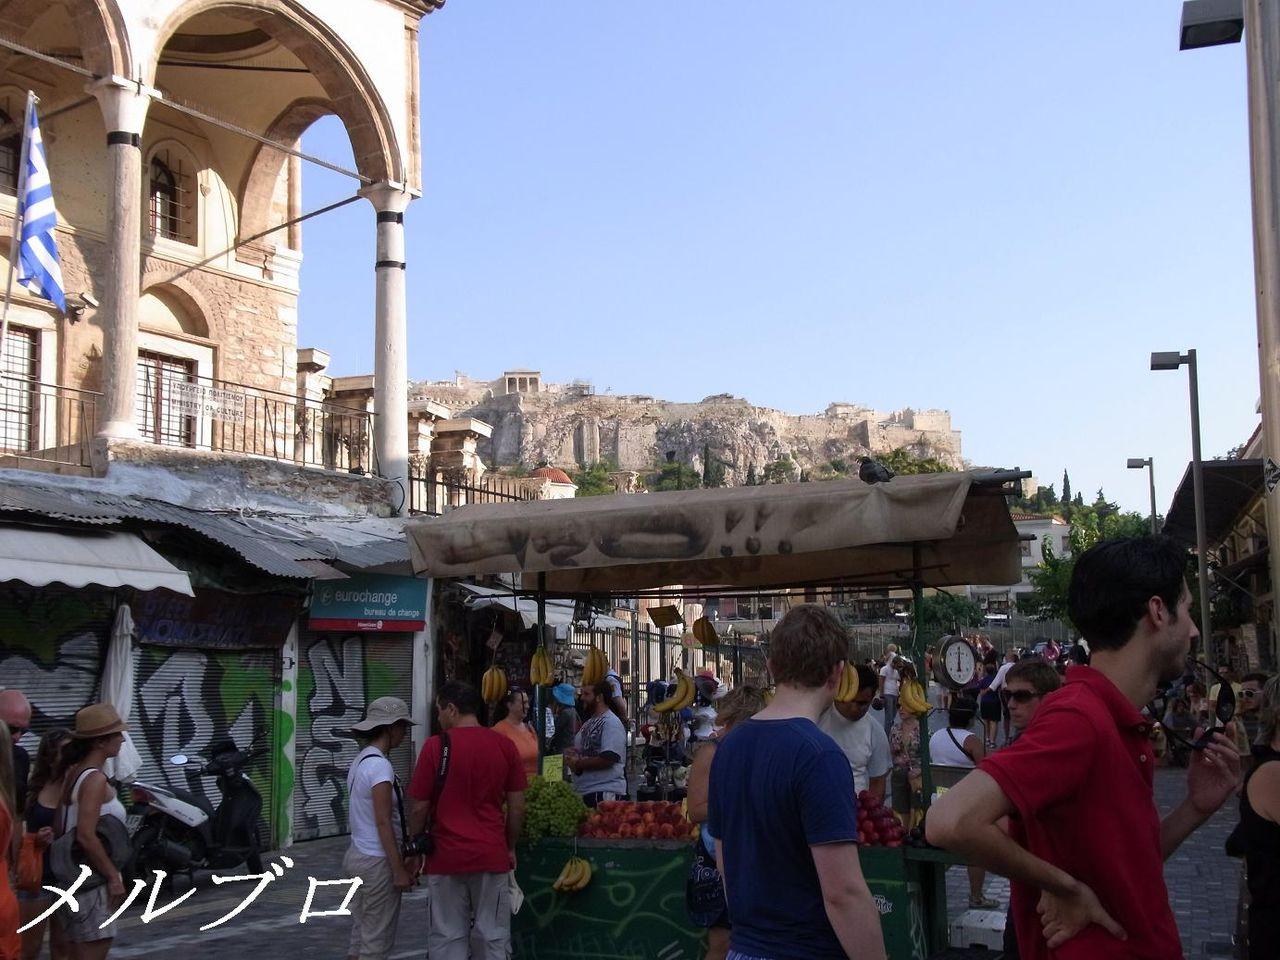 ギリシャ アテネ旅行記14 ギリシ...